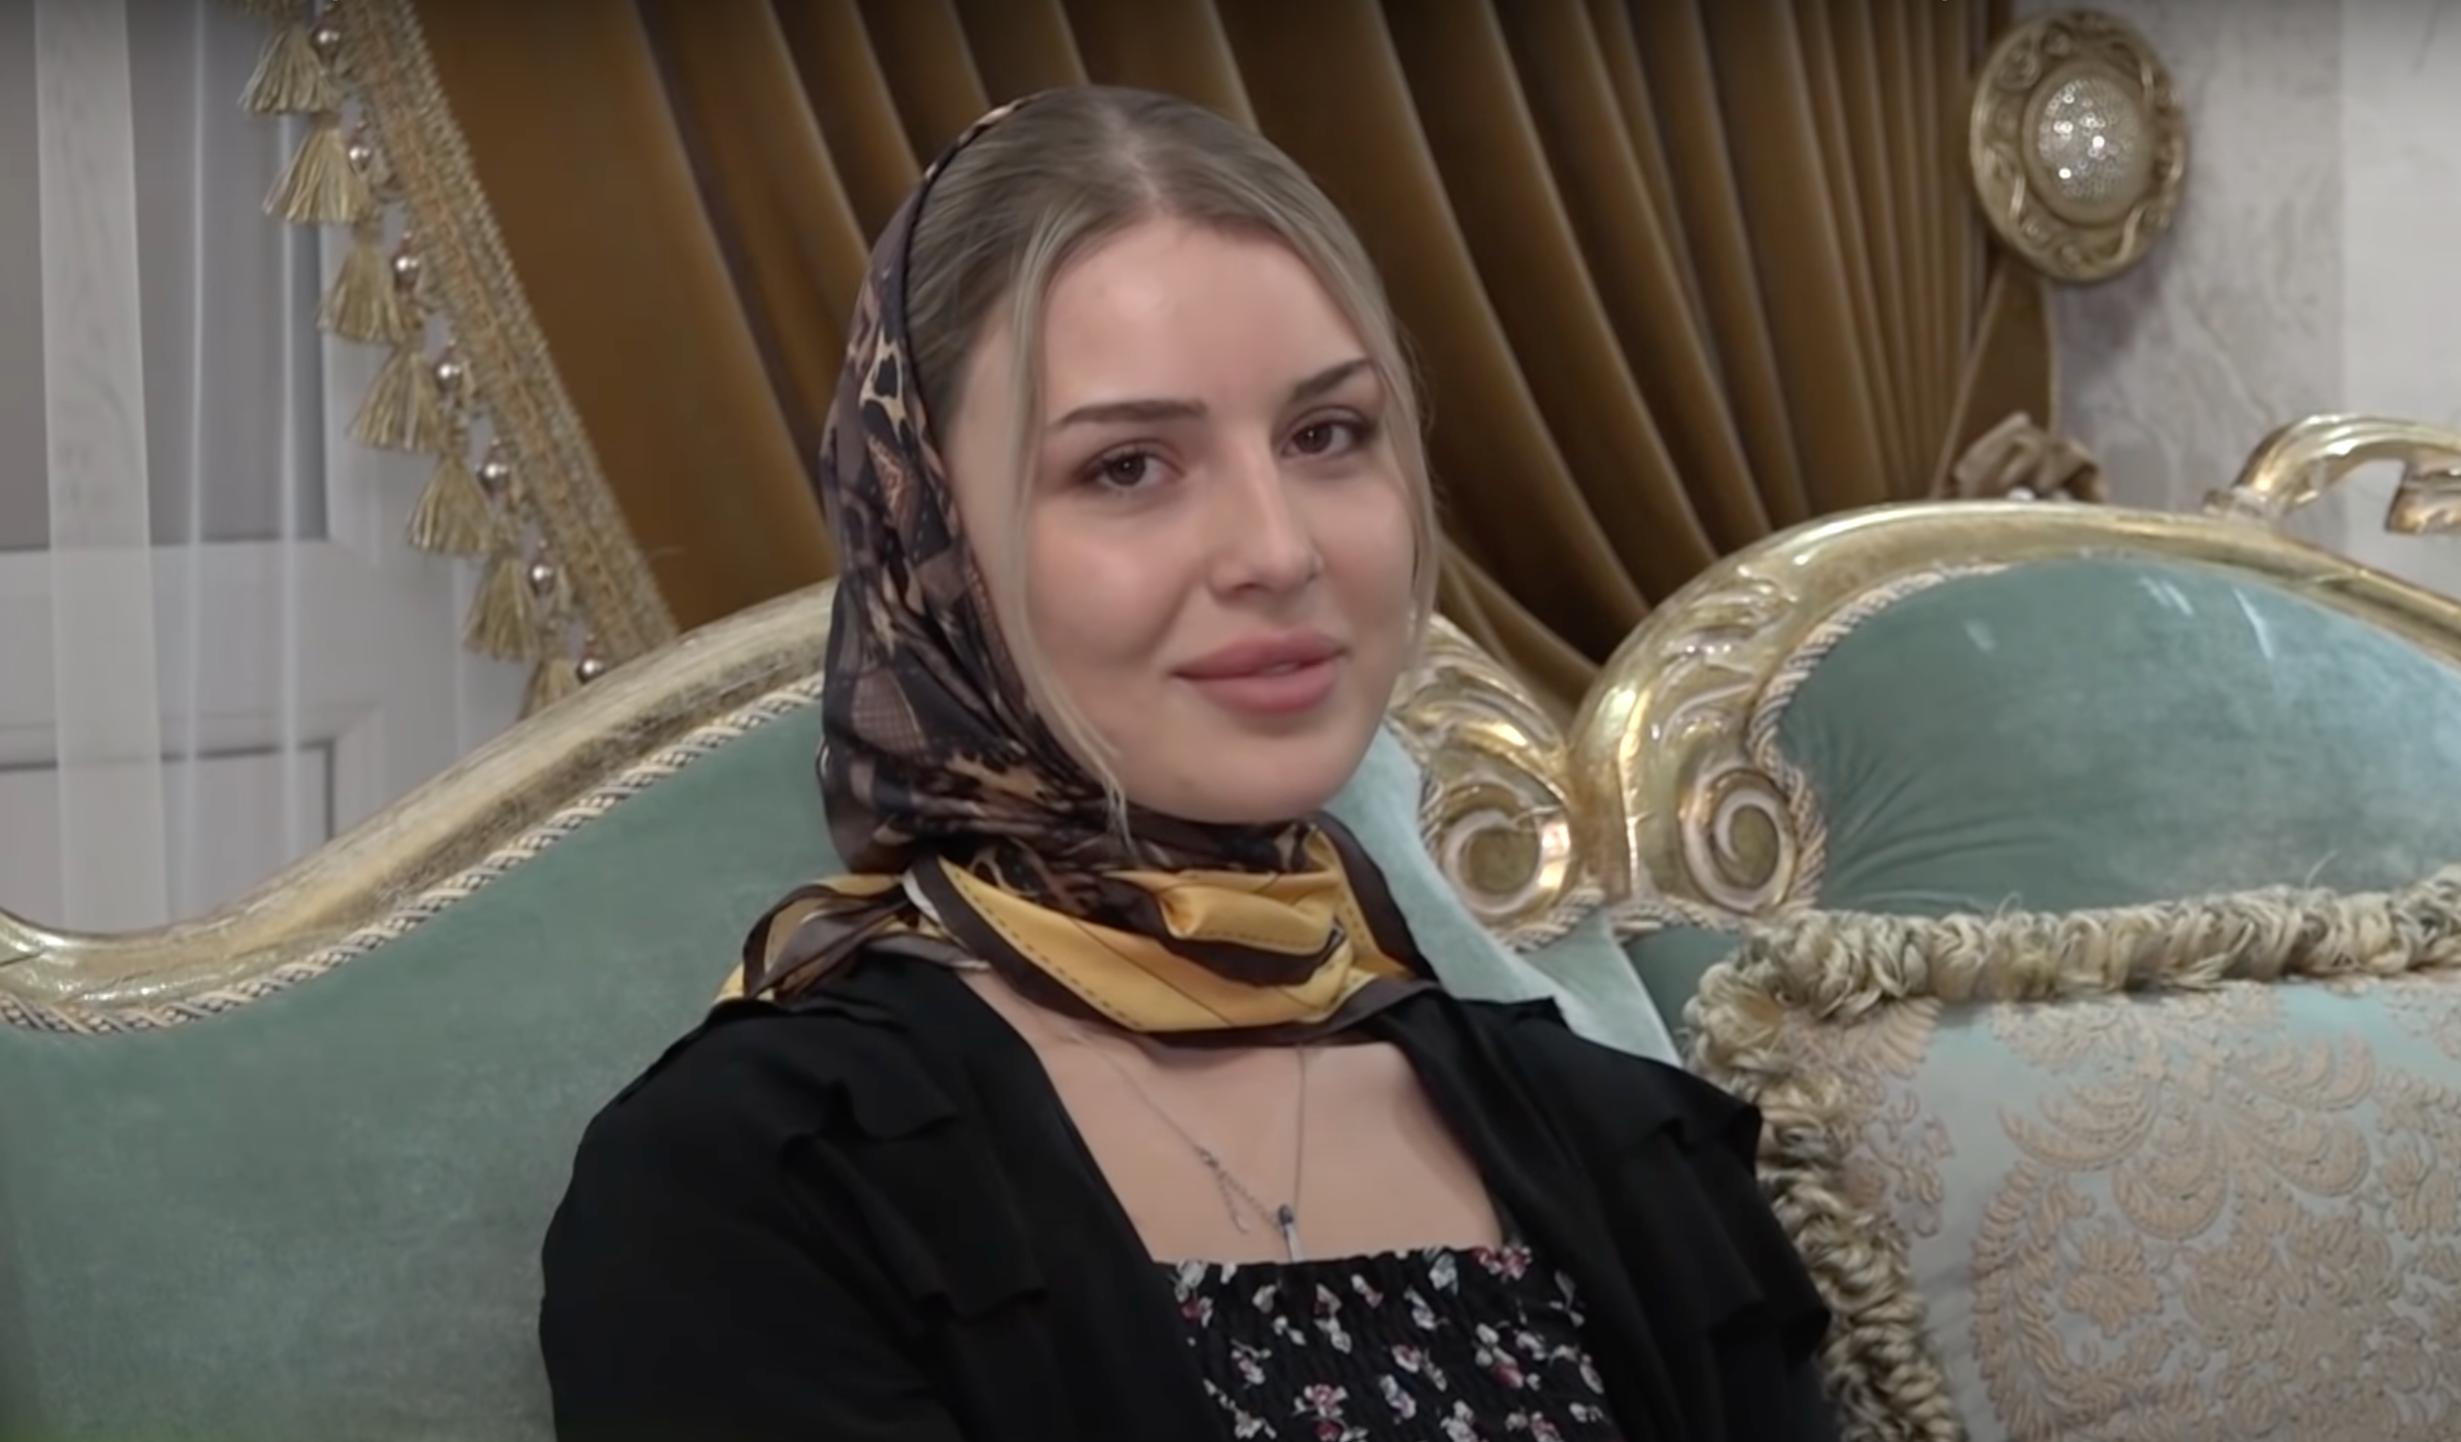 Czeczenia: Córka znanego sojusznika Kadyrowa odcina się od słów o byciu prześladowaną